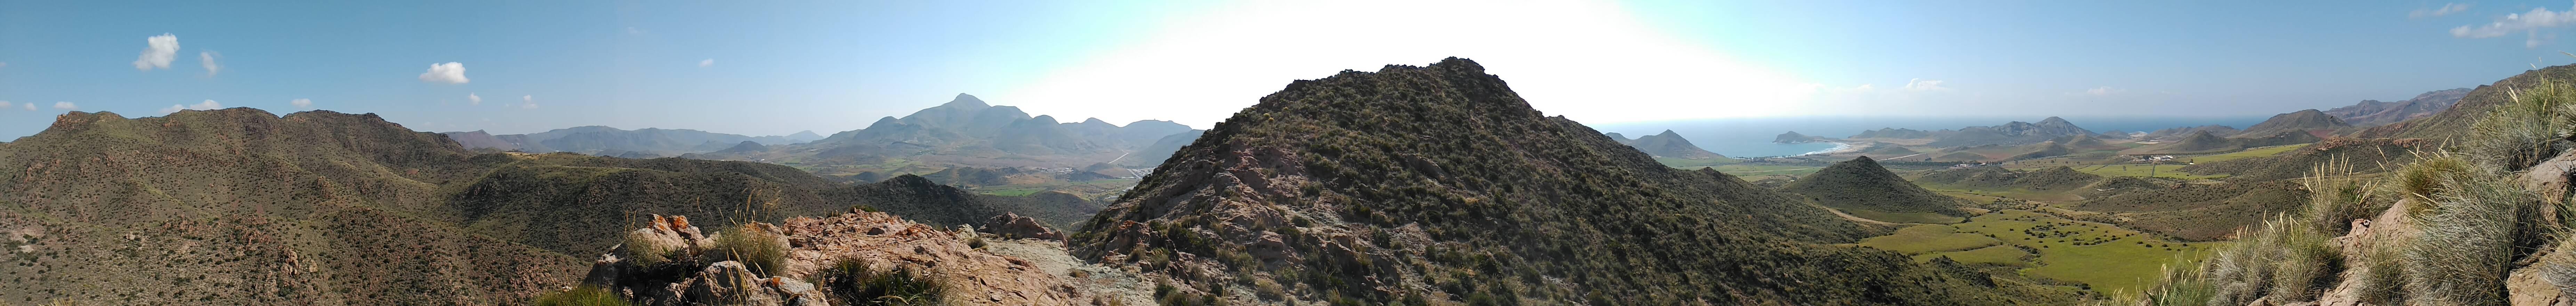 Cumbreando Sierra de Gata - Fotografía Santiago Domenech - Parque Natural Cabo de Gata Níjar